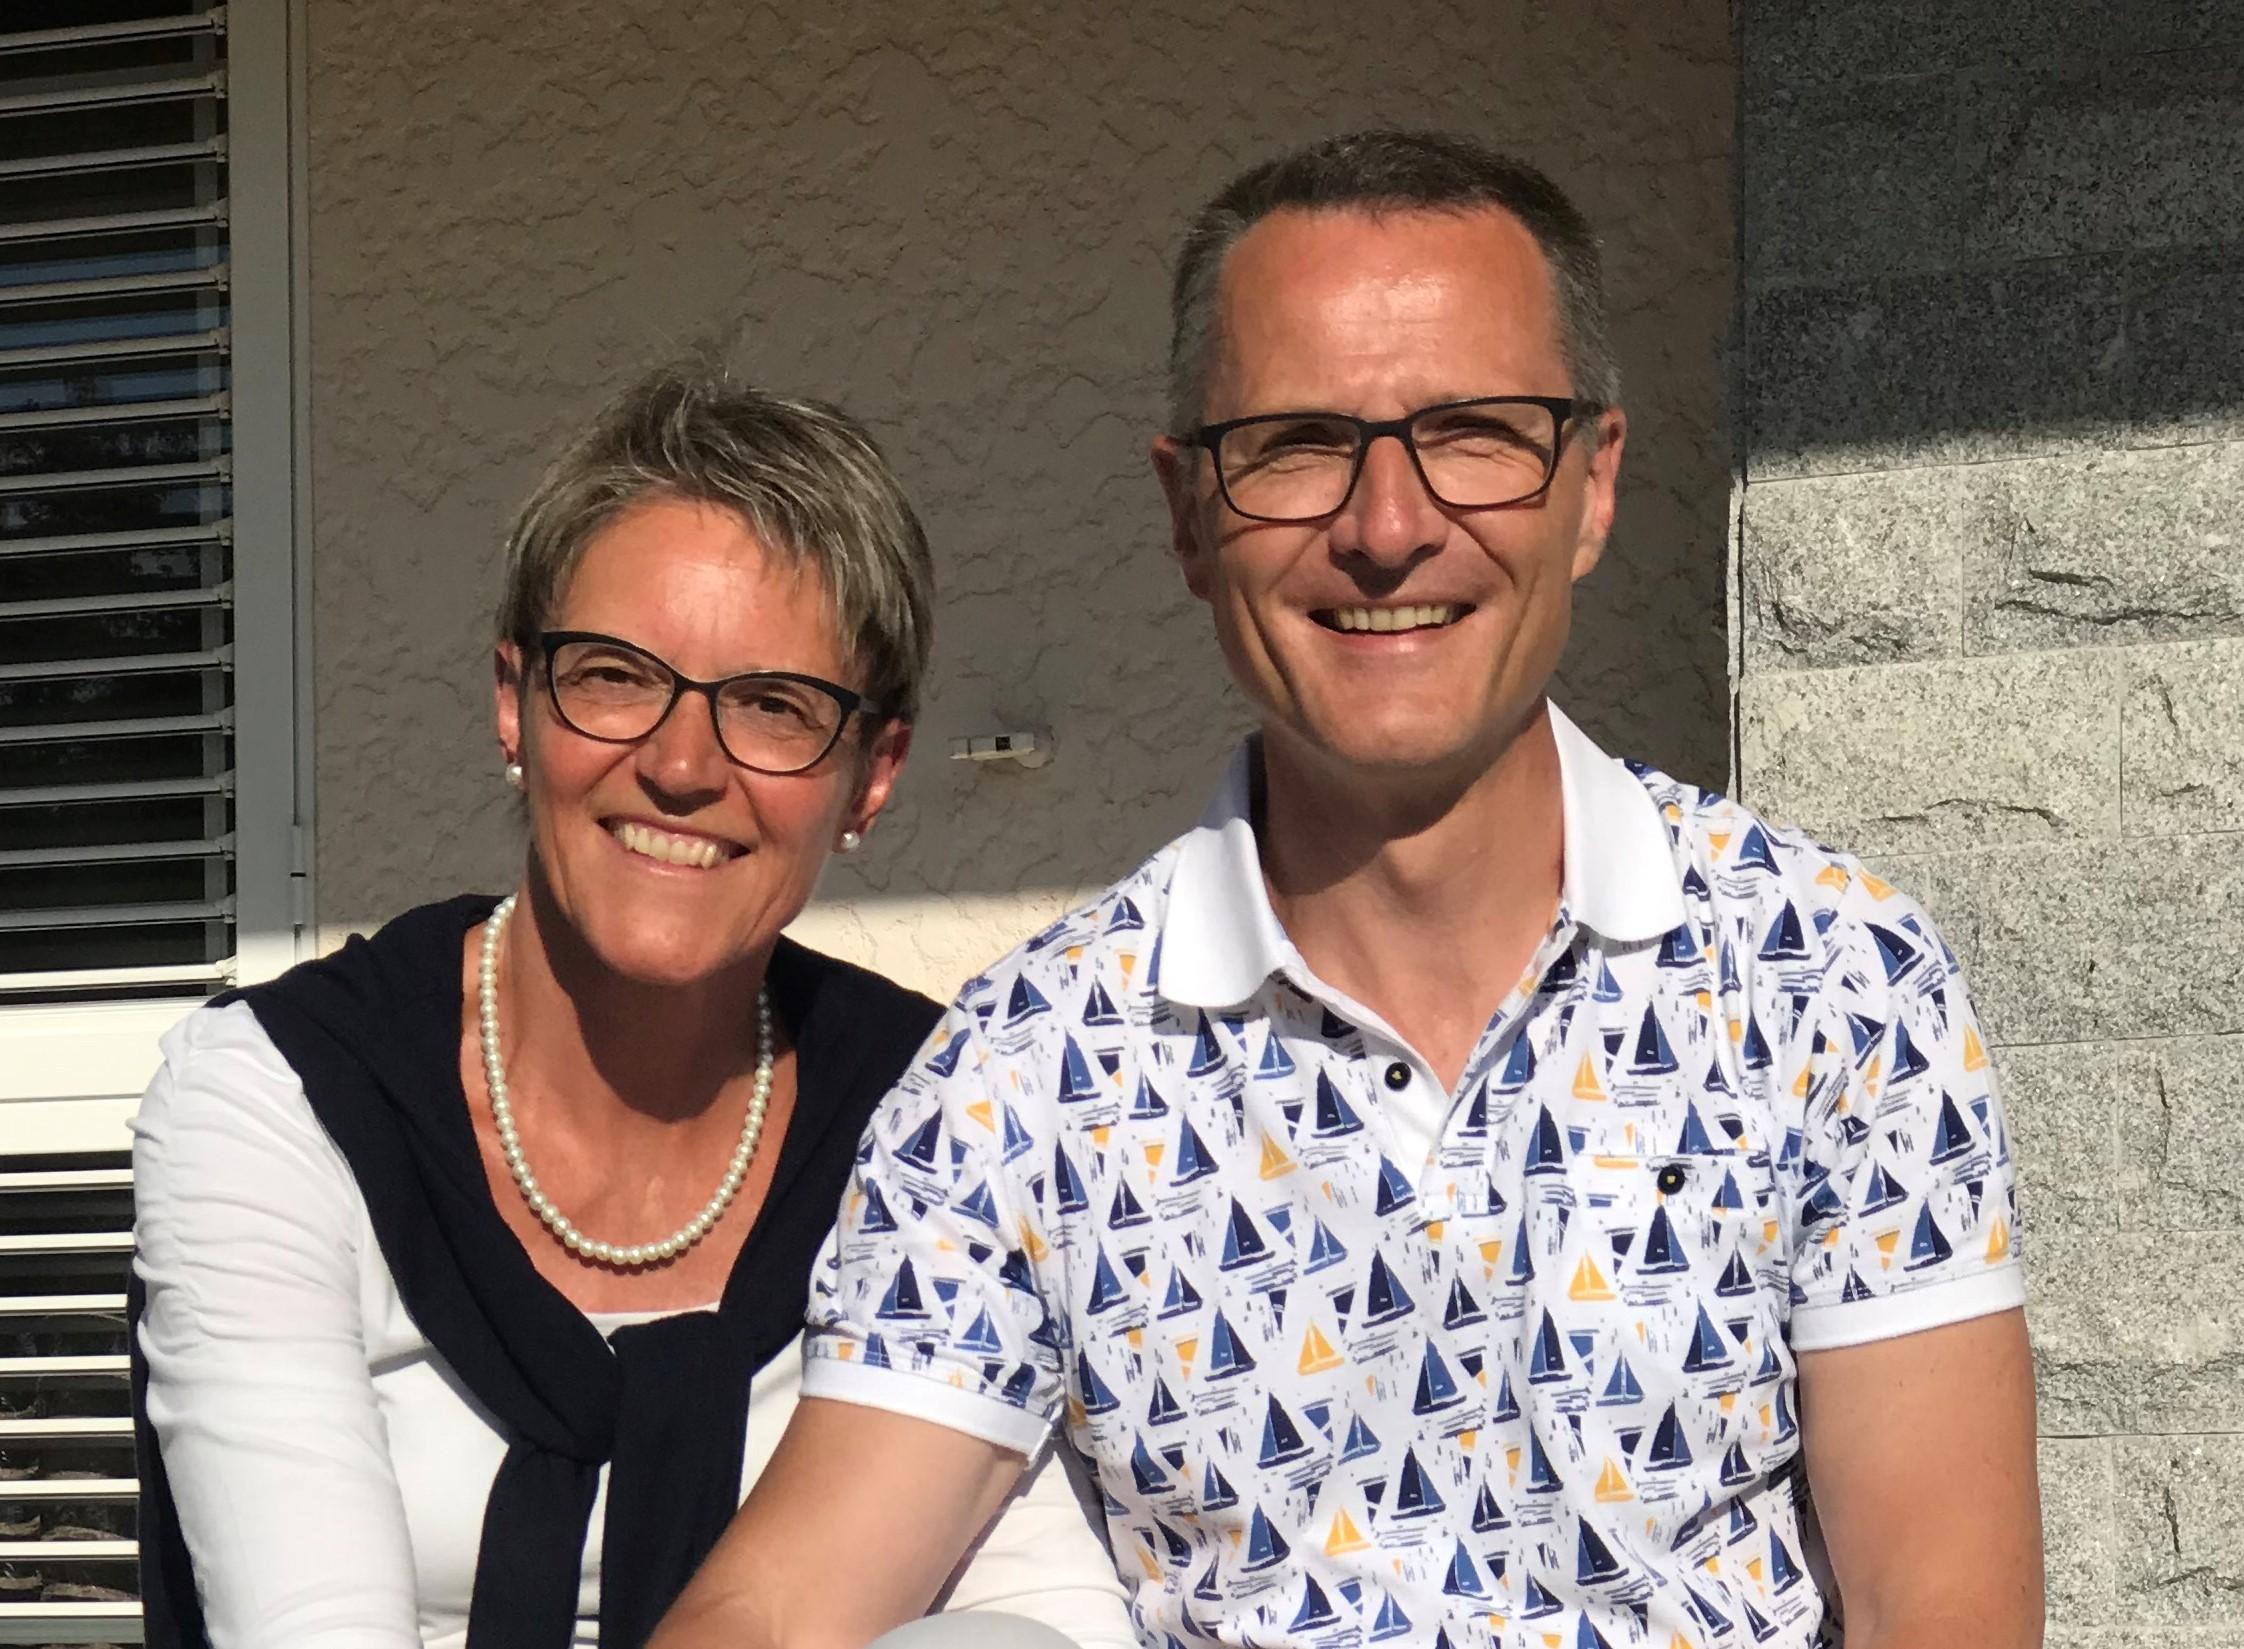 Willy Graf, neuer Leiter des BBZ Eckstein, und seine Frau  Valérie Graf